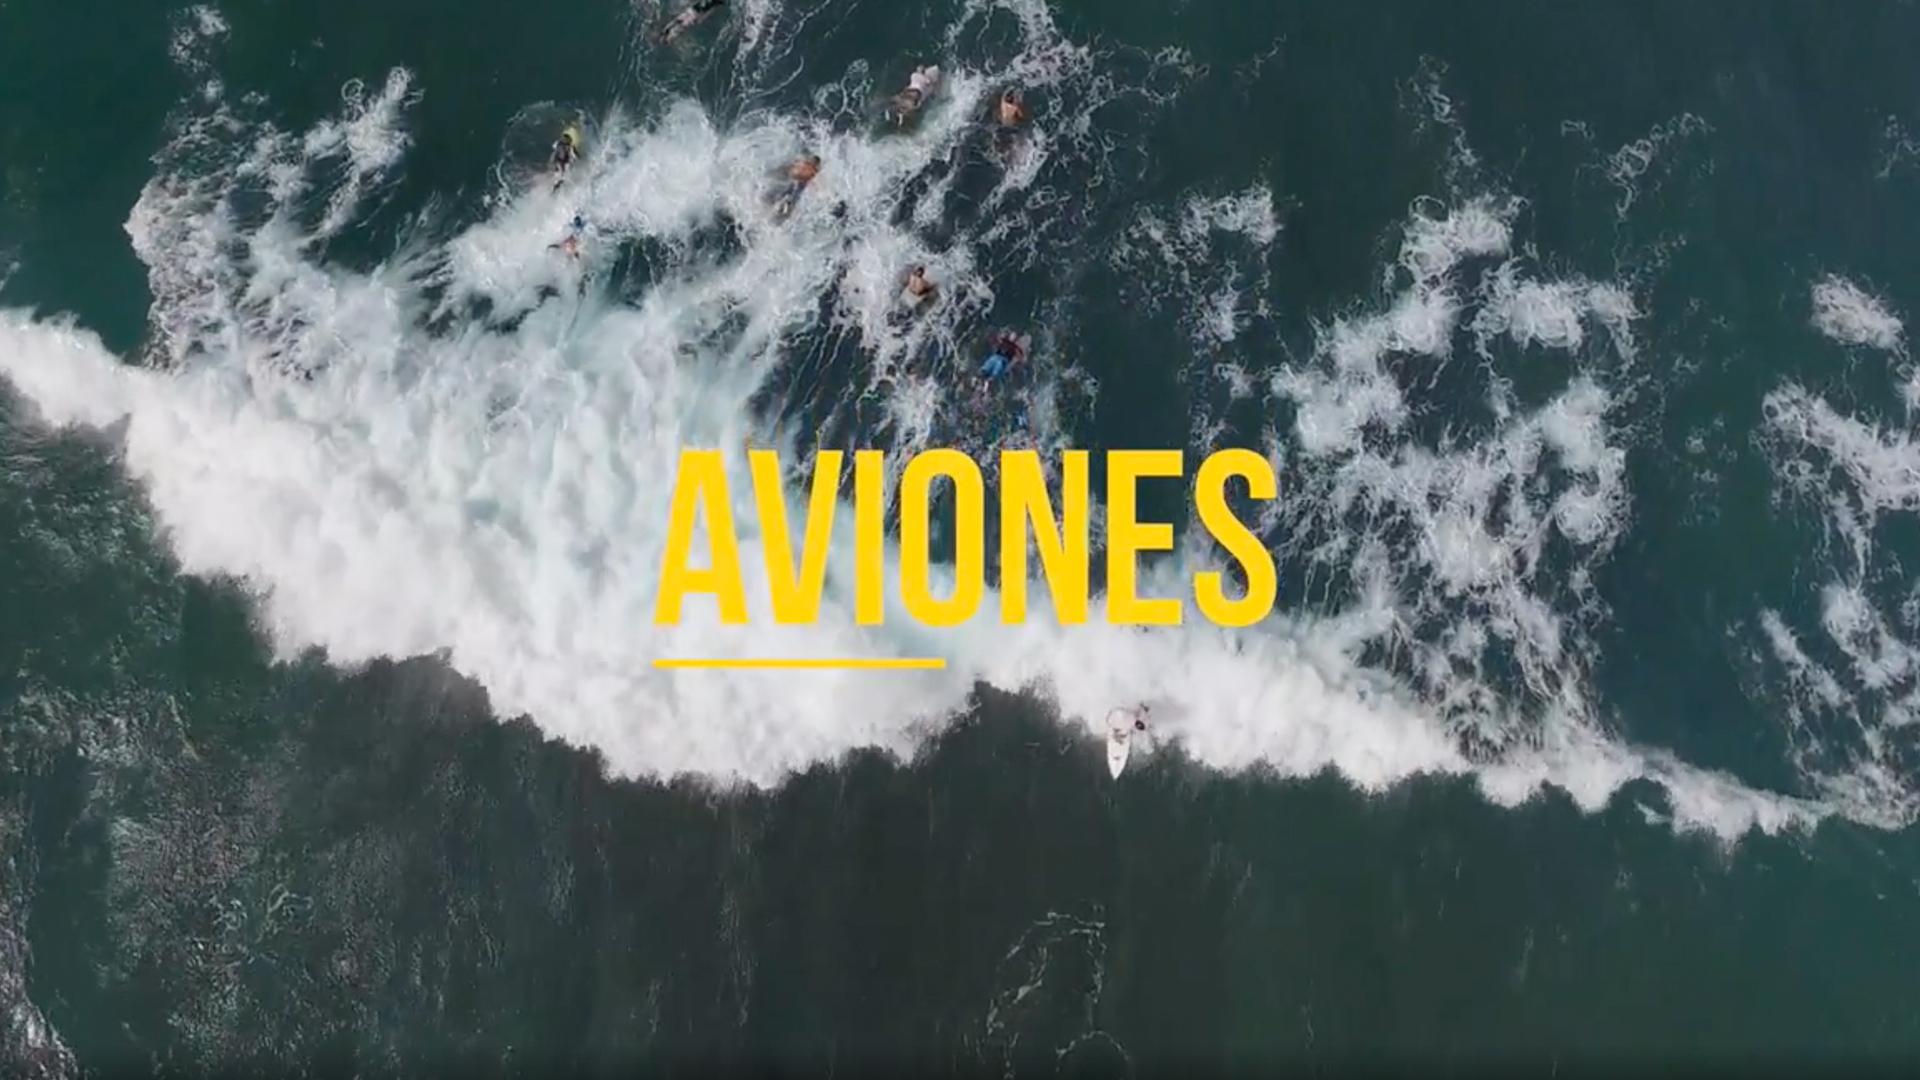 BODYBOARDING EN LA PLAYA AVIONES PUERTO RICO